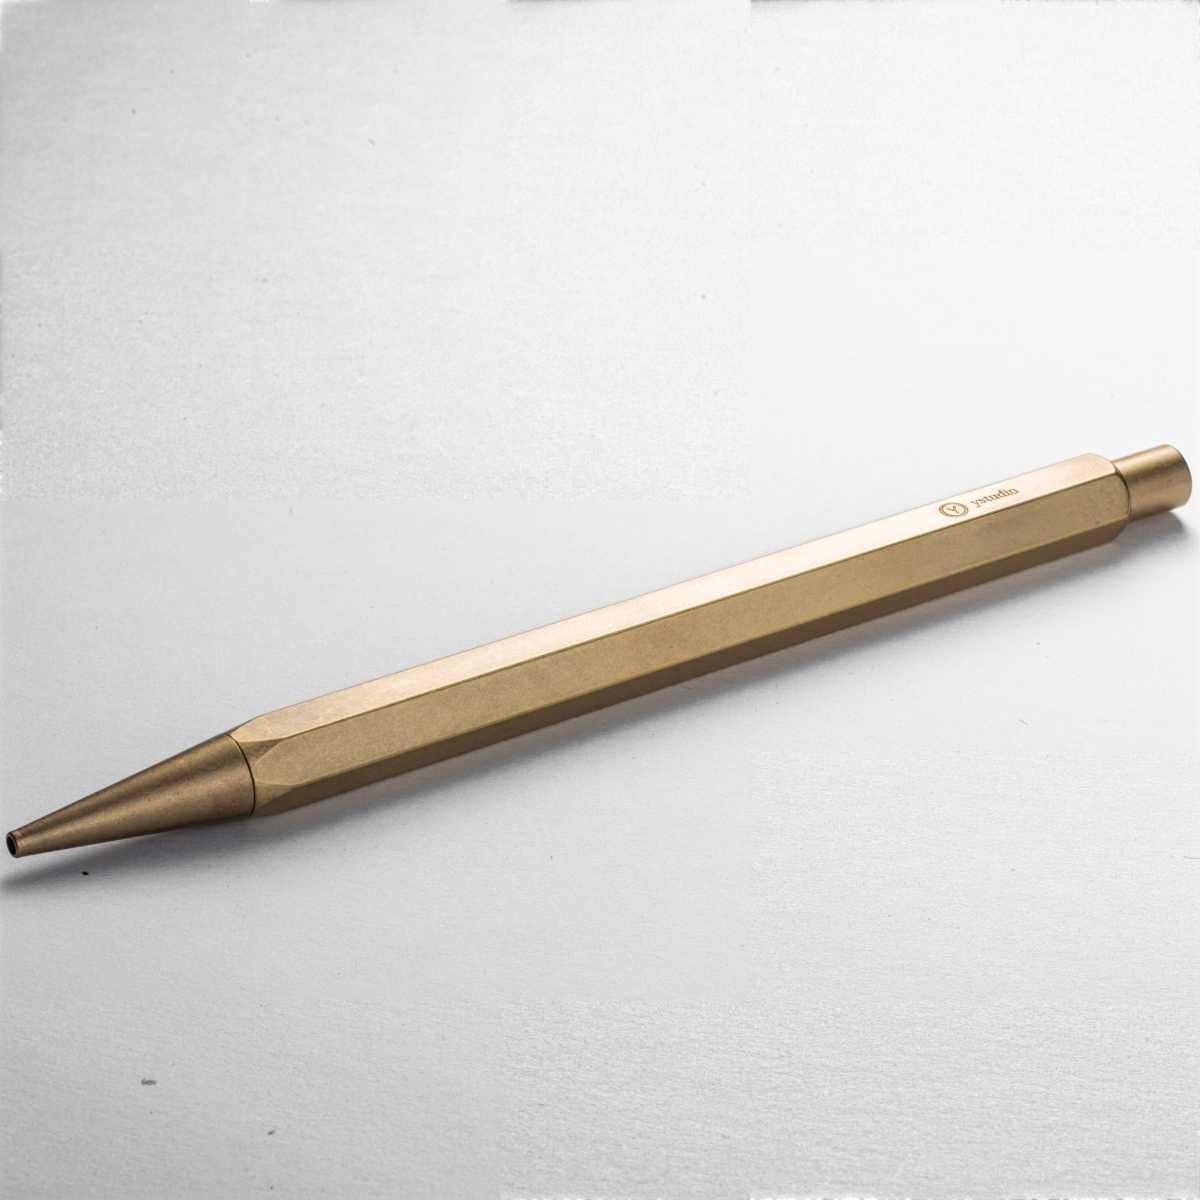 Ystudio Classic Porte-mine /à dessin en laiton avec mine en graphite /Épaisseur 2,0 mm